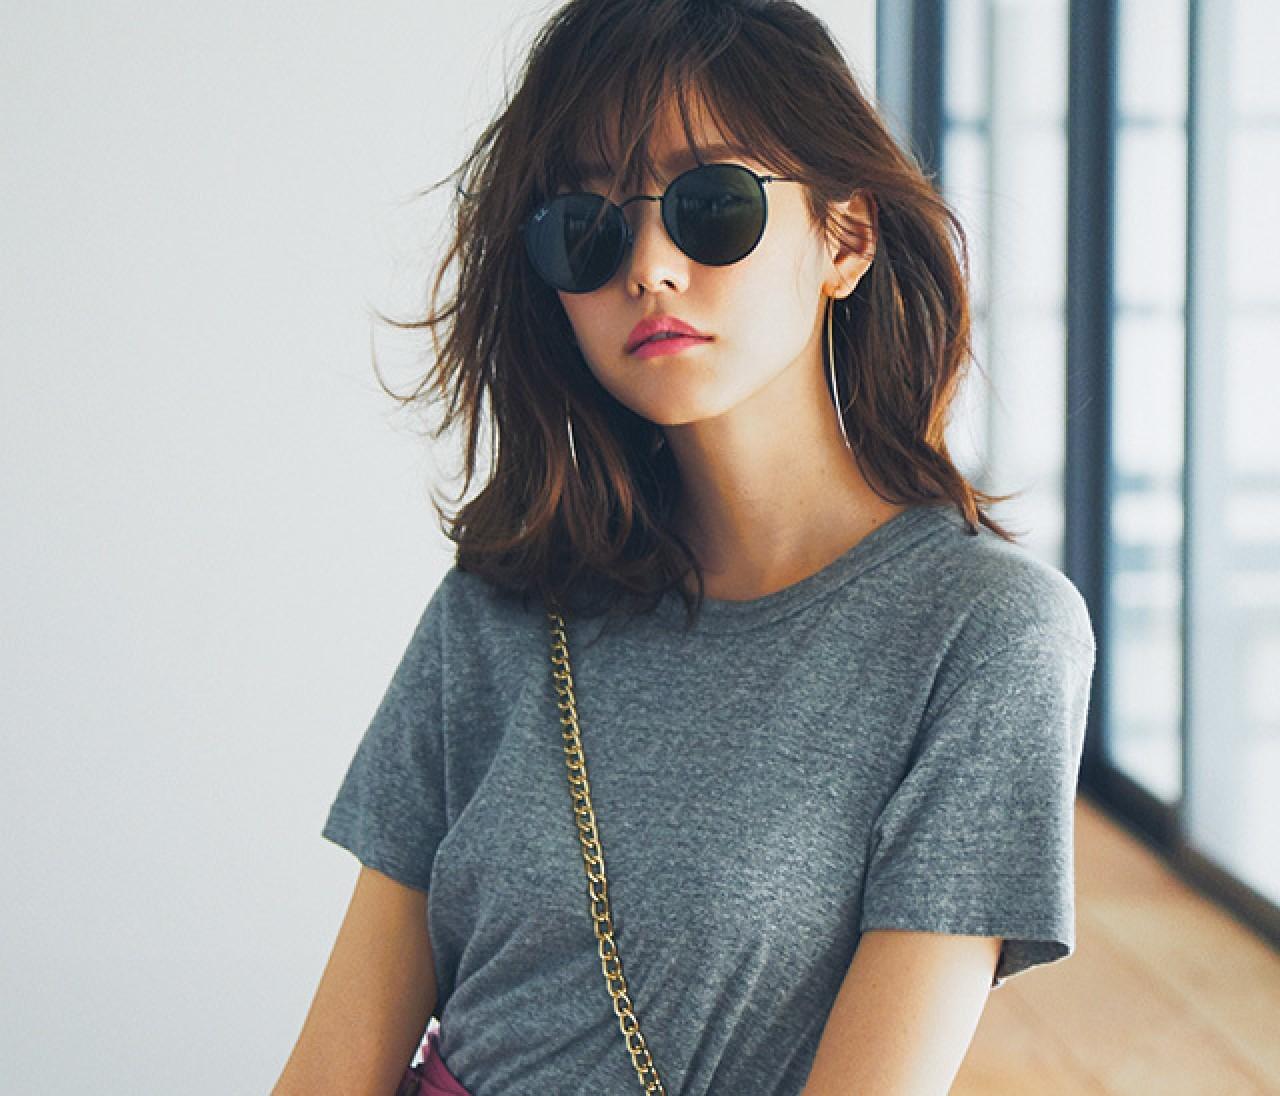 素敵な先輩になれる夏のTシャツコーデ30選【30代ファッションまとめ】